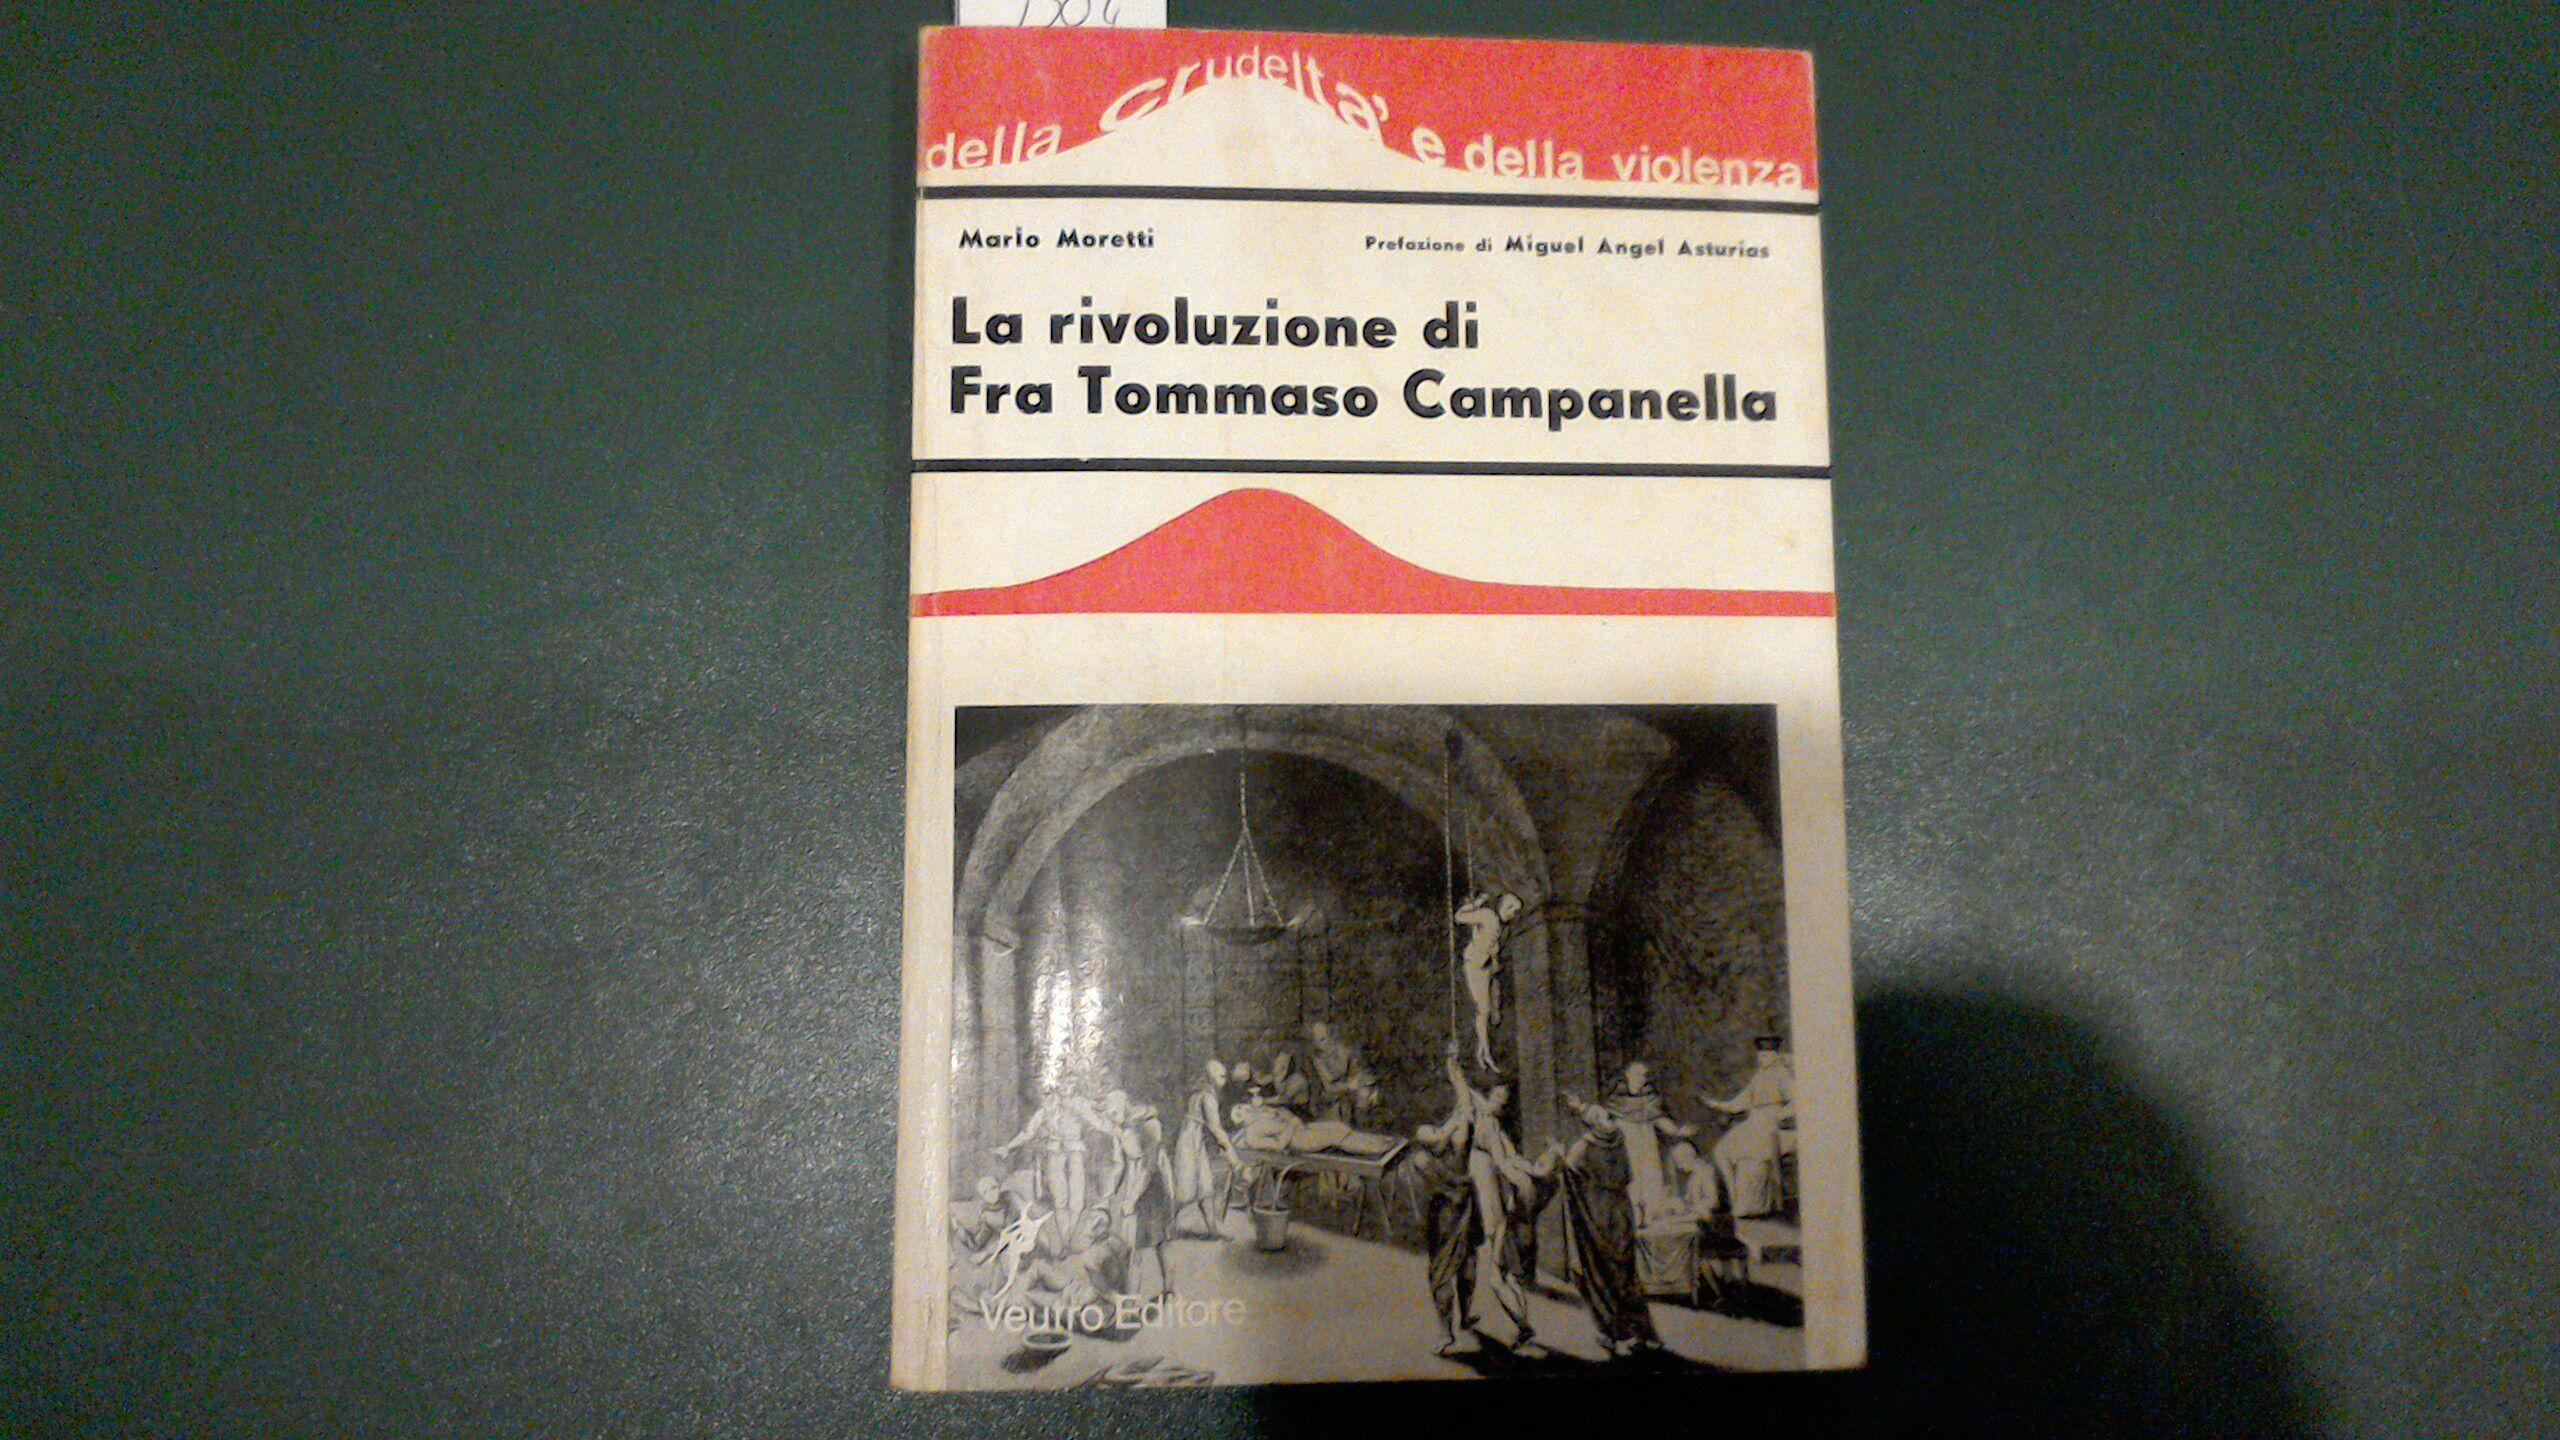 La Credenza Arthur Rimbaud Parafrasi : Libreria ceccherelli :: libri del novecento rari doccasione e